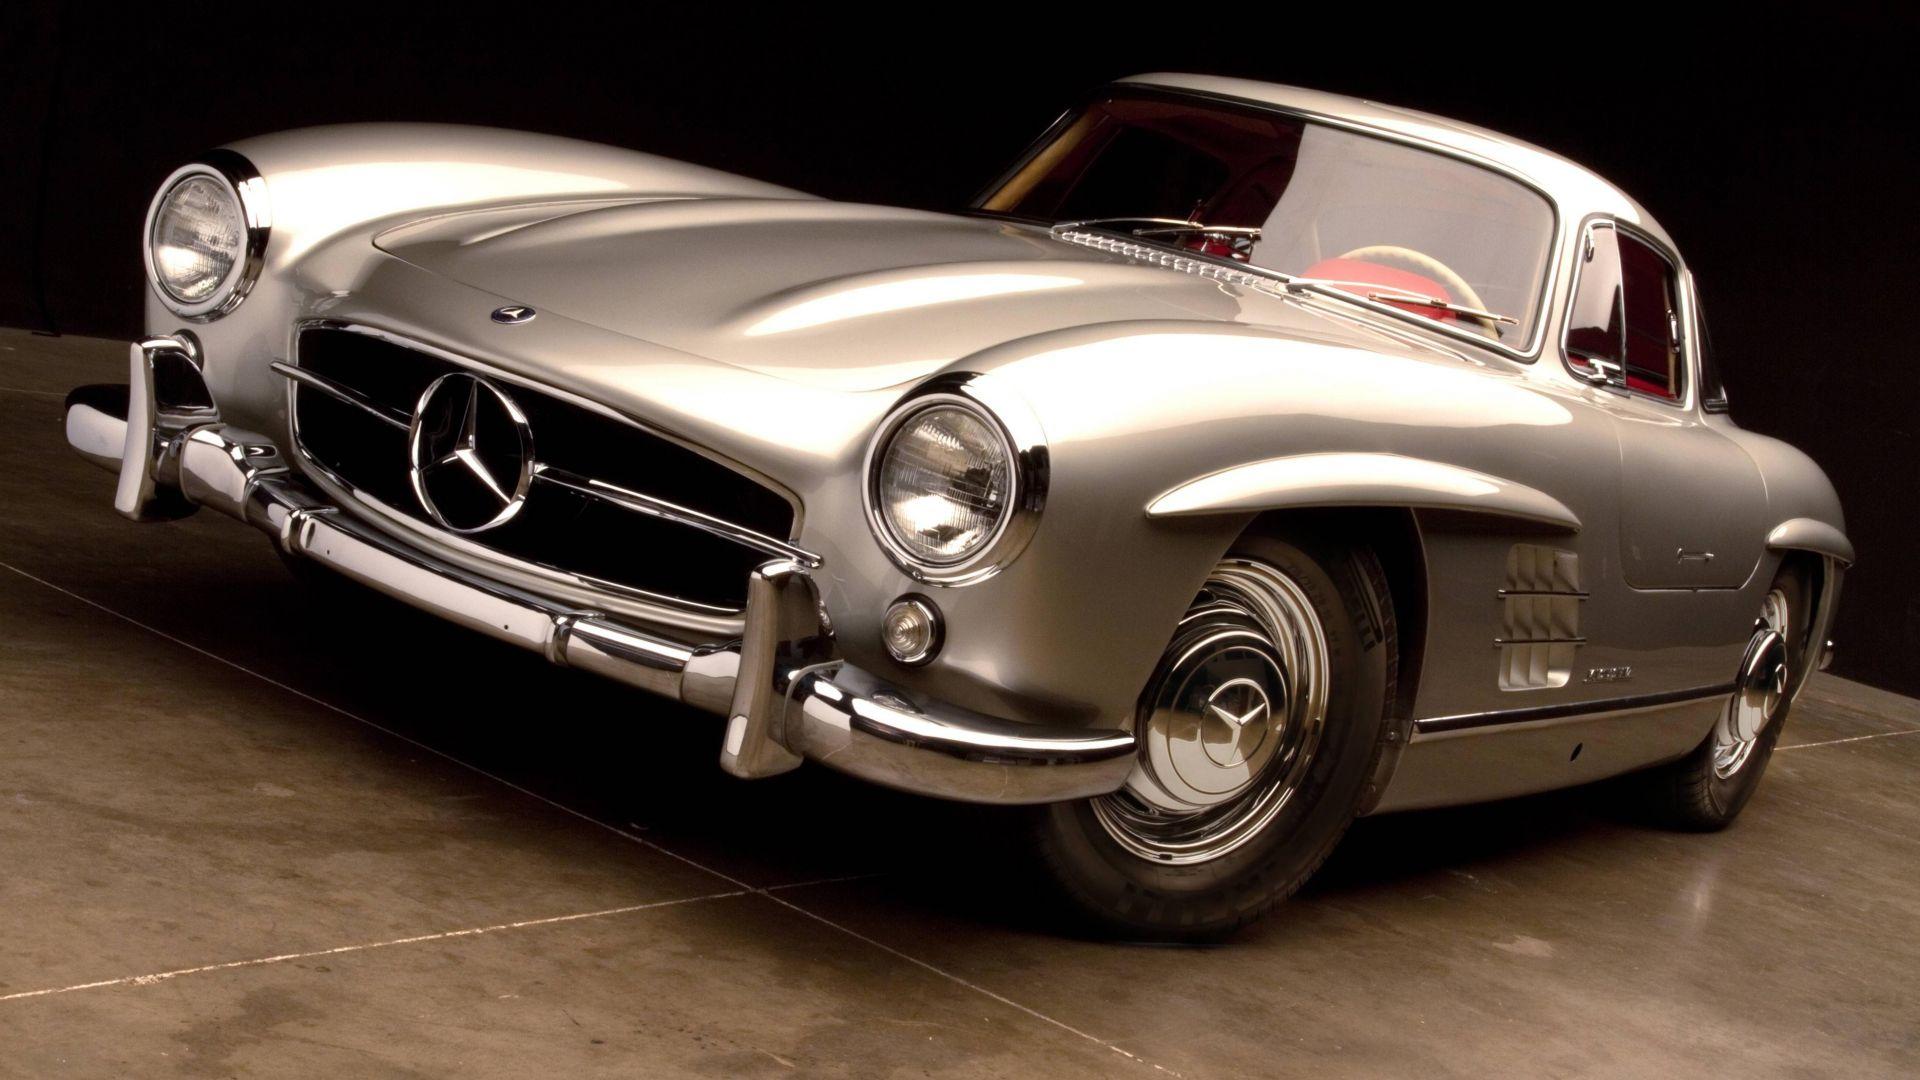 Wallpaper Mercedes-Benz 300 SL, classic car, 4k